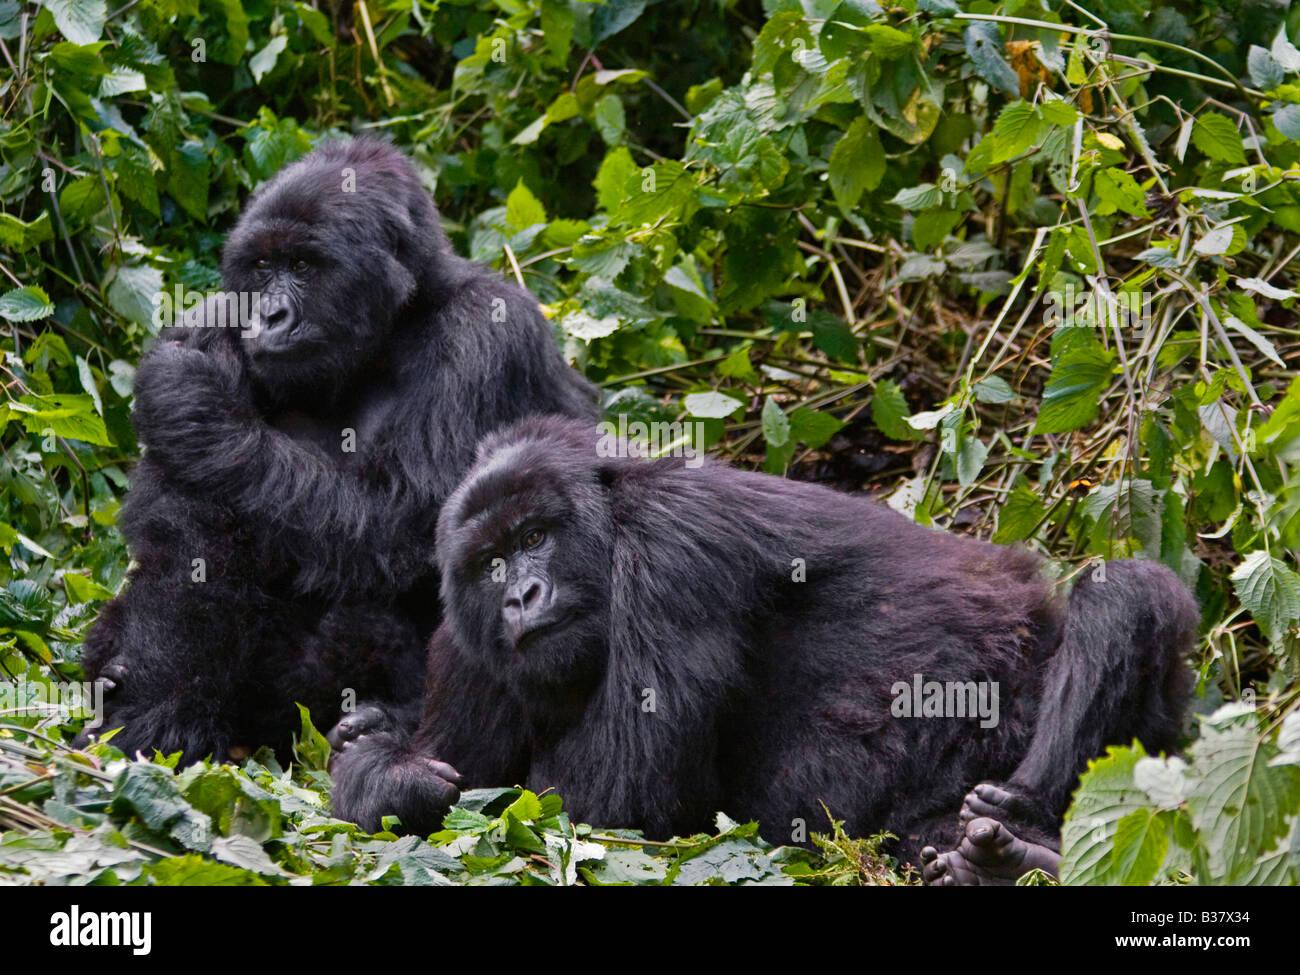 Two brother MOUNTAIN GORILLAS Gorilla beringei beringei of the KWITANDA GROUP in VOLCANOES NATIONAL PARK relax in - Stock Image